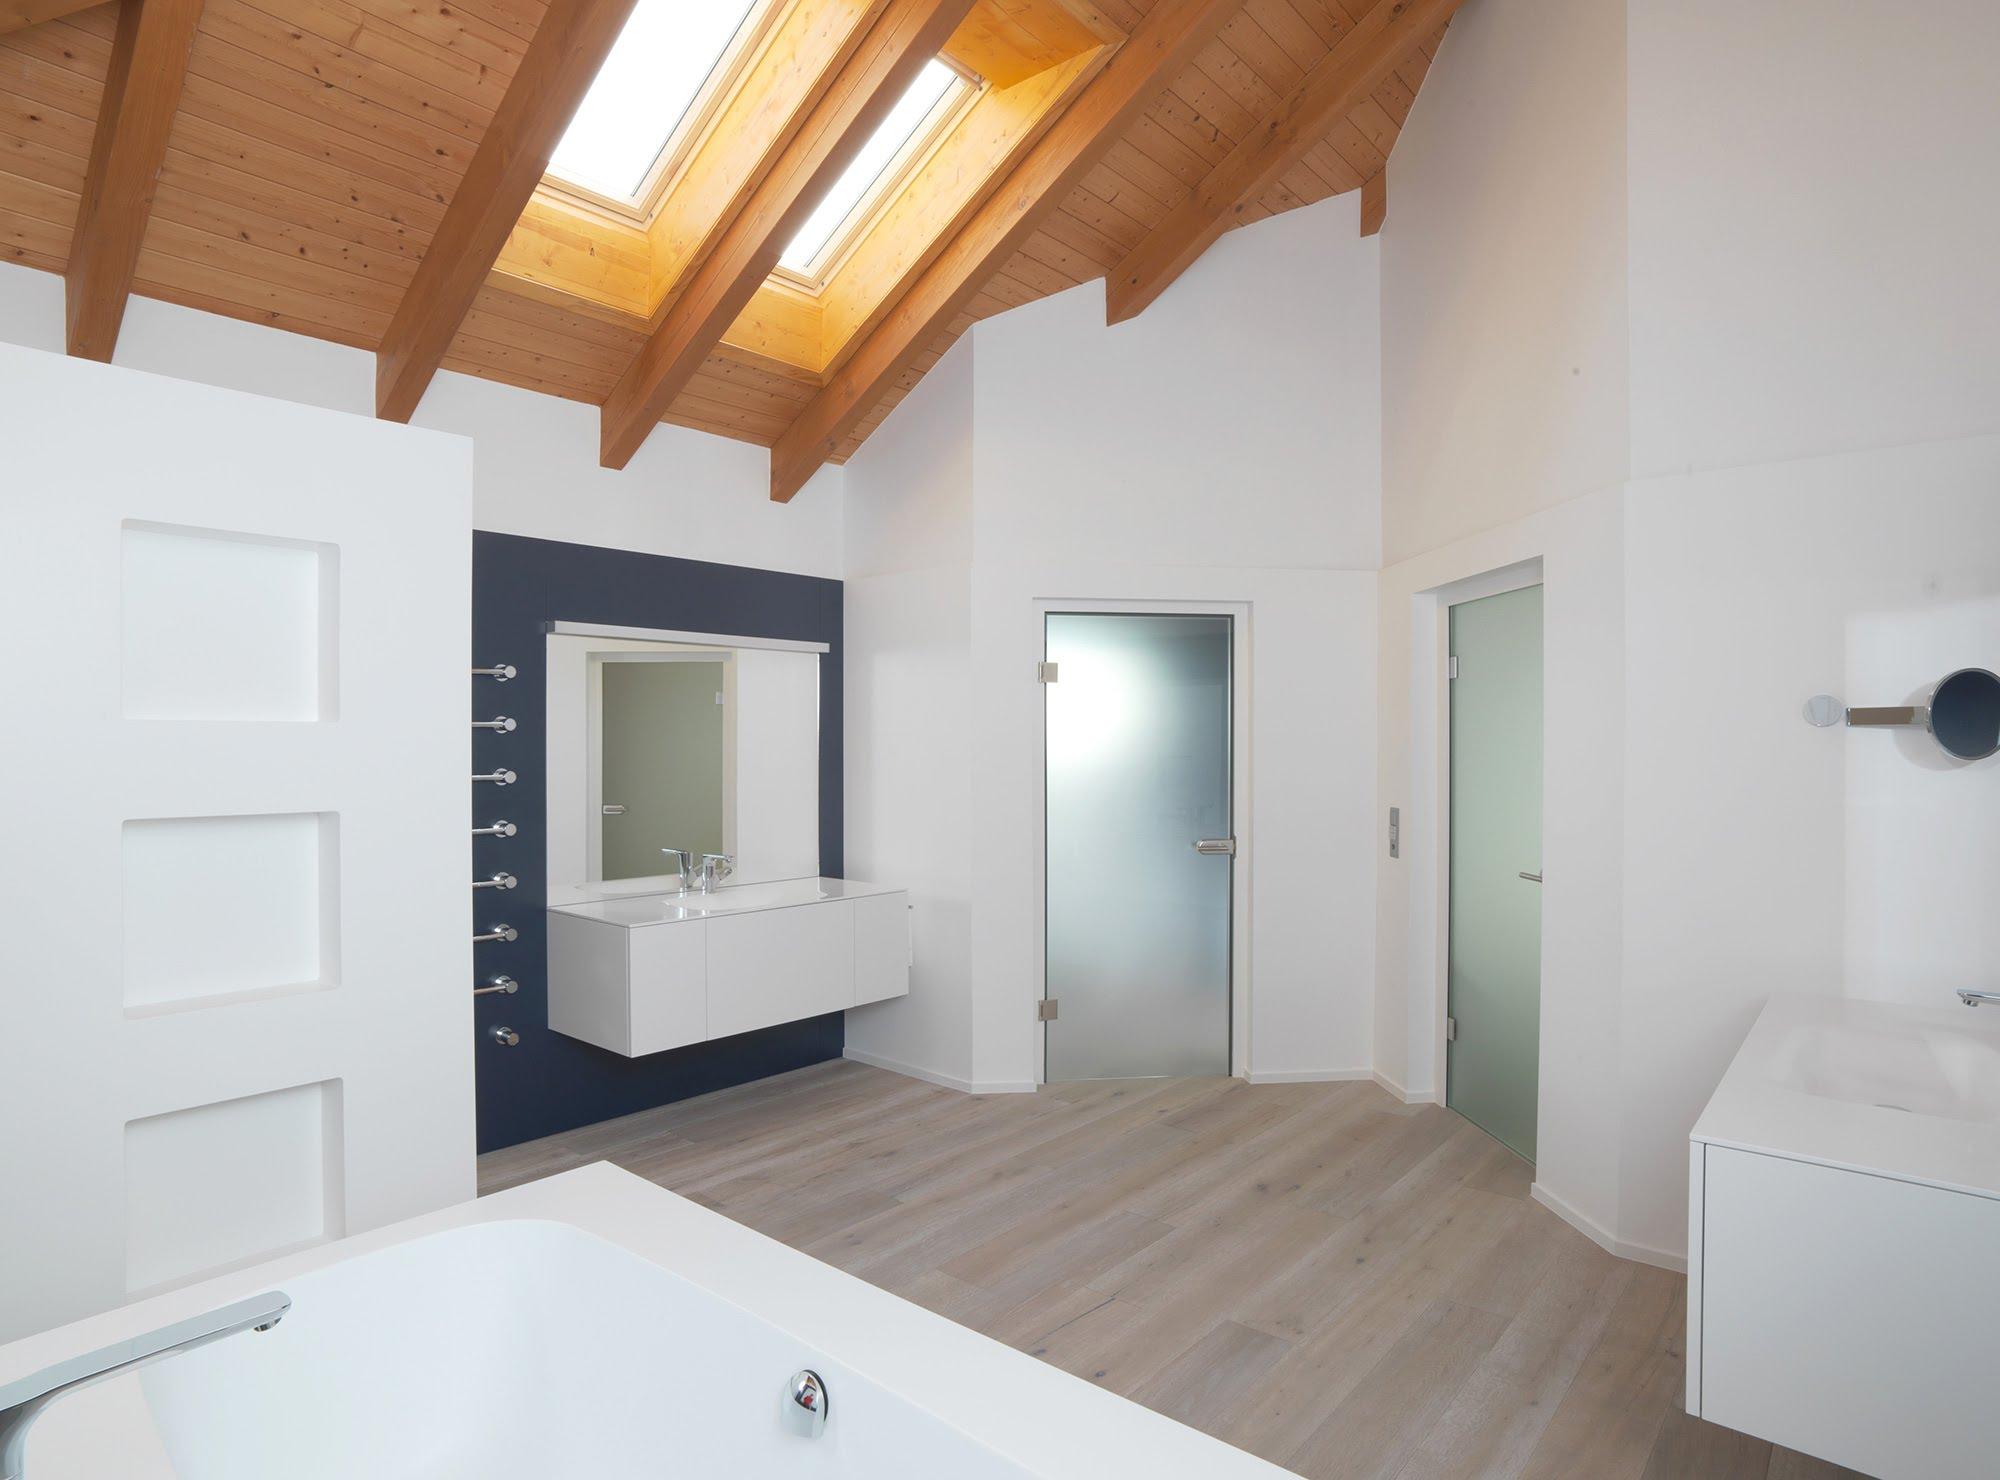 Badezimmergestaltung & Badumbau - Bäder & Badumbau-Küchen werden immer mehr zum Ort der Begegnung - Sursee, Willisau, Aargau, Zentralschweiz, Luzern, Zofingen